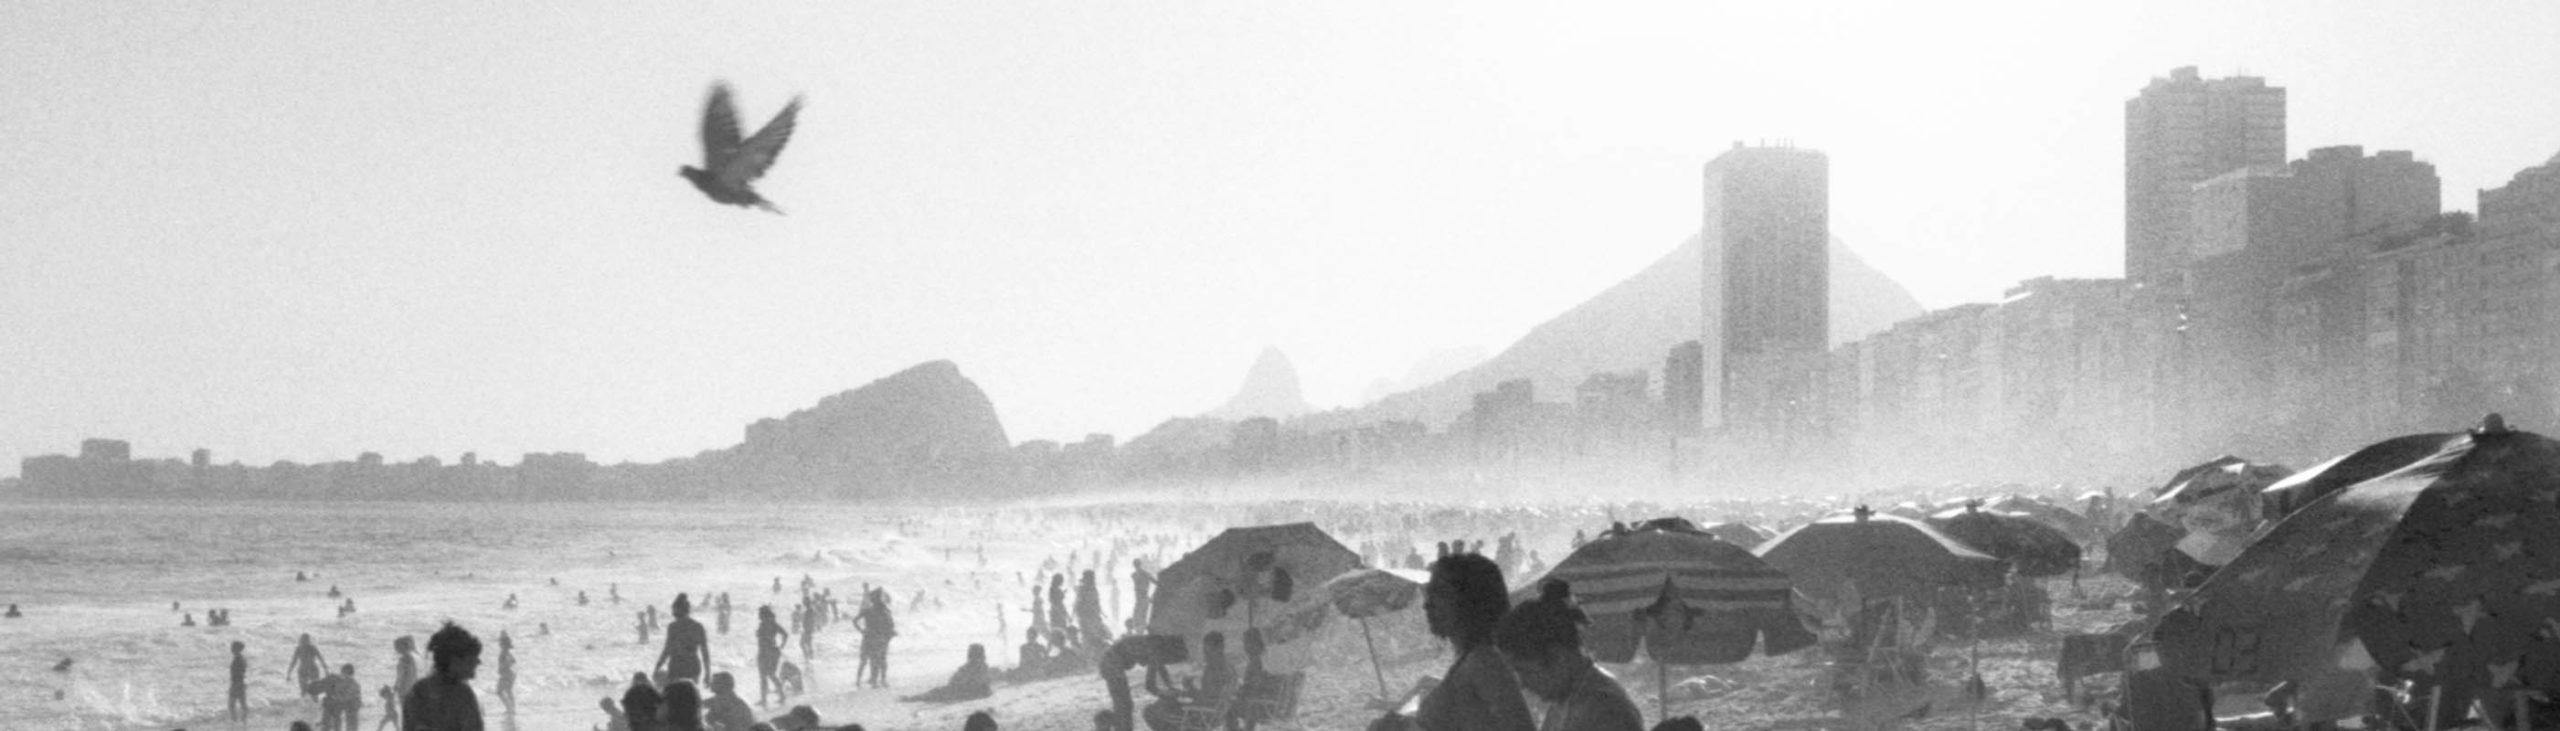 Plage de Copacabana, Rio de Janeiro, 2016